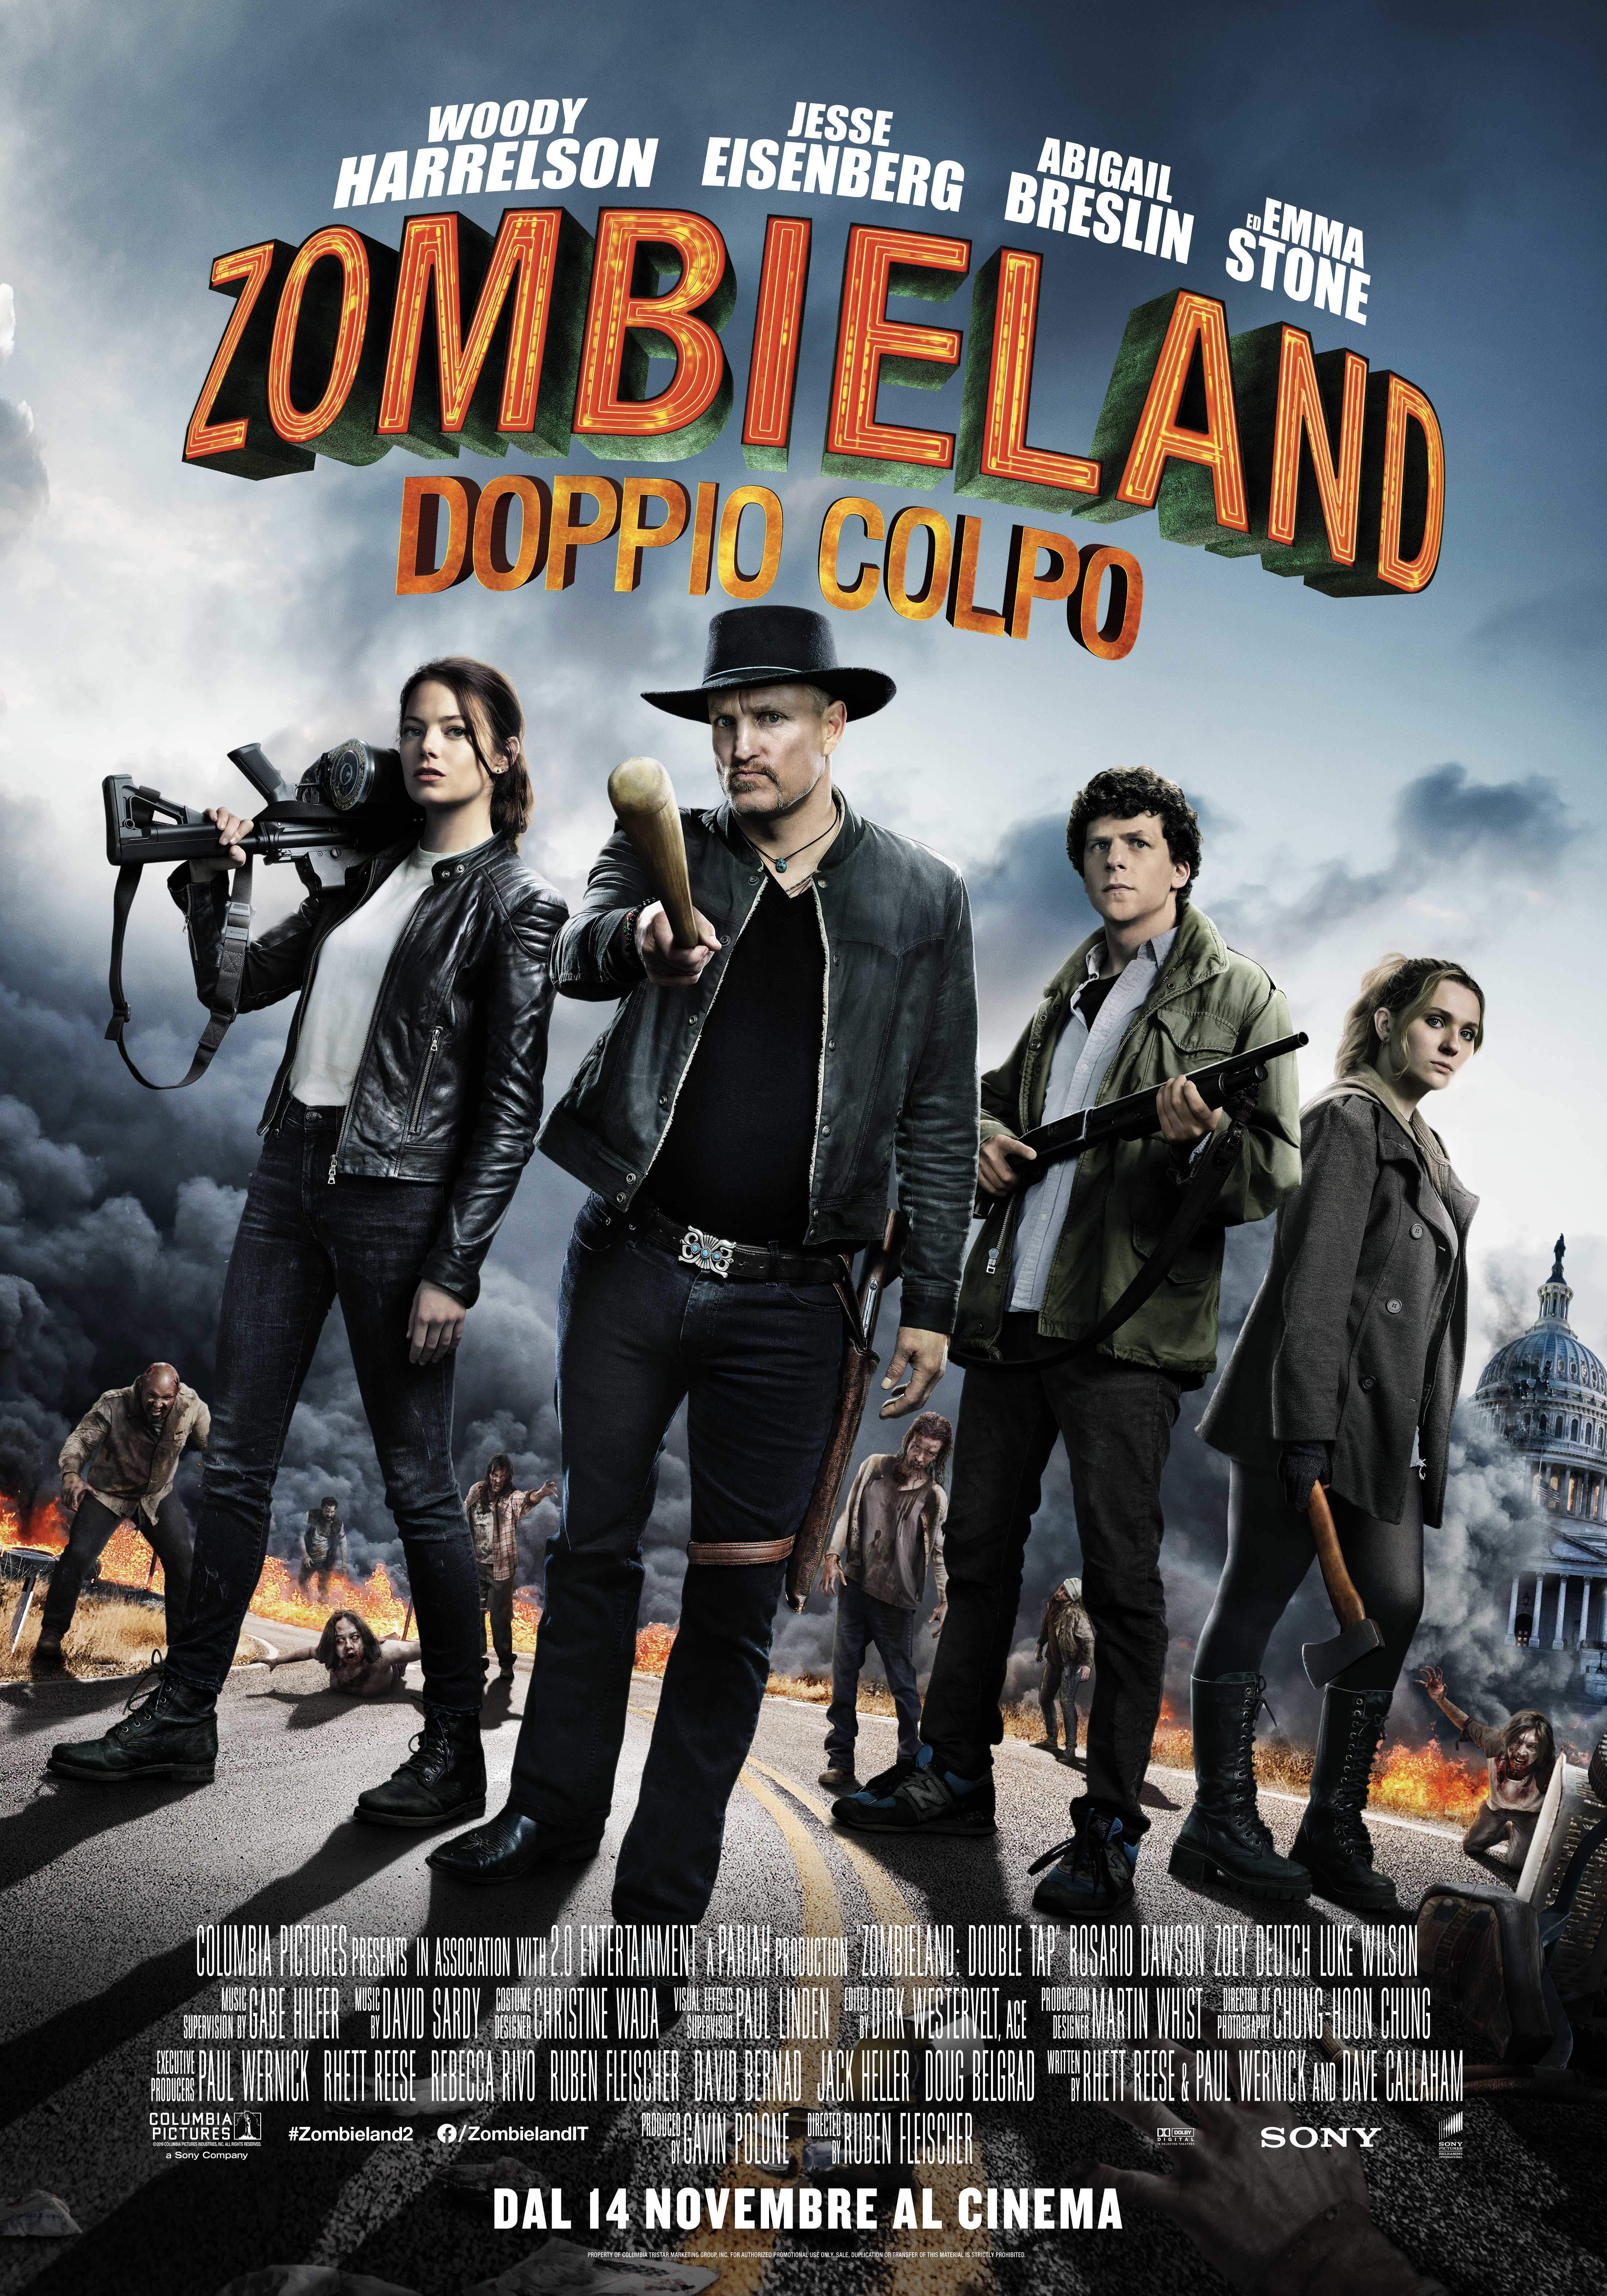 Zombieland - Doppio Colpo: Il poster italiano